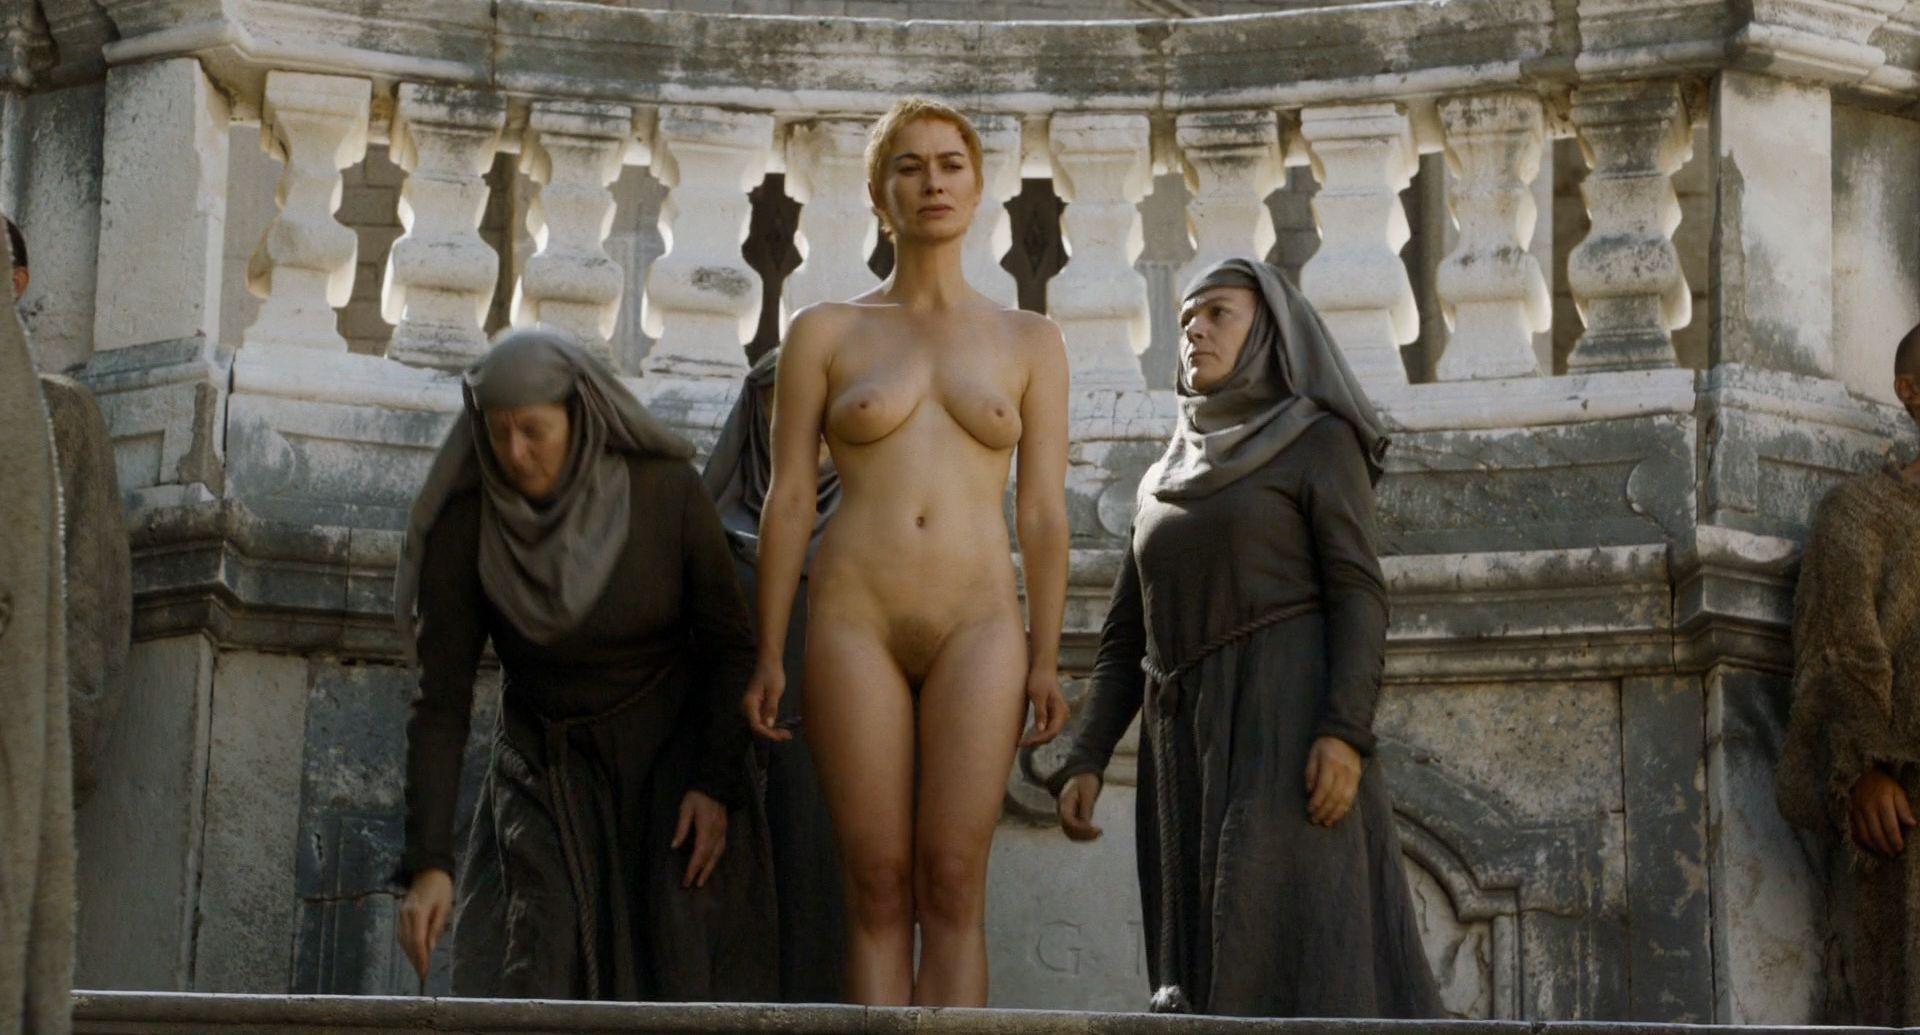 Lena headey nude, naked